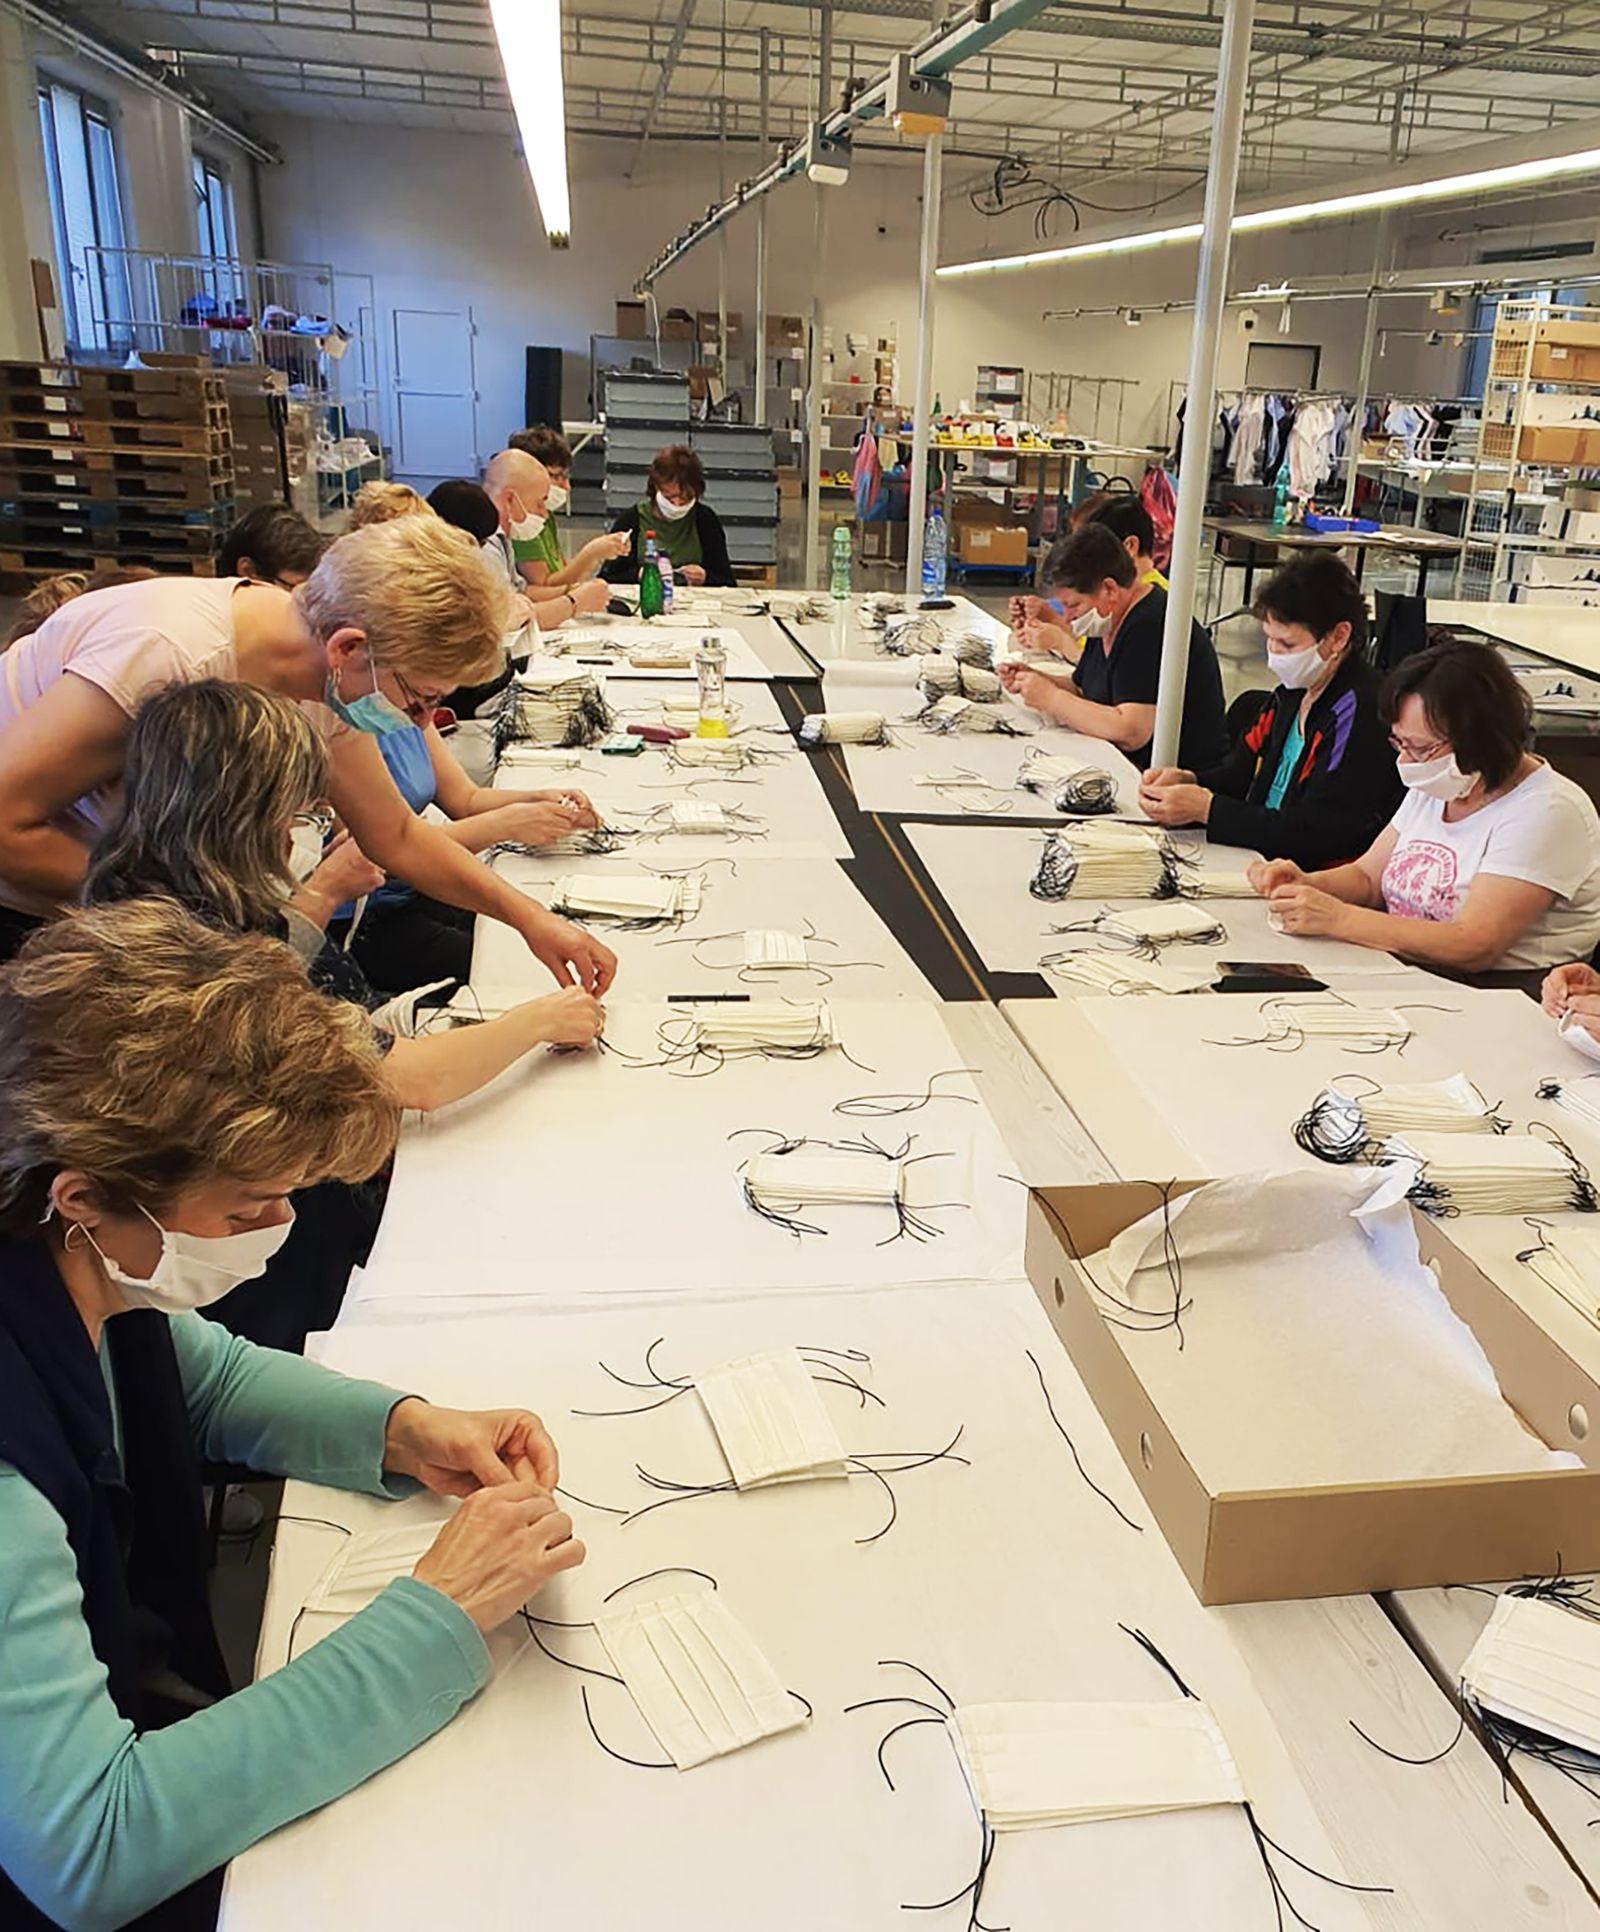 ETERNA produziert Masken während Corona-Epedemie